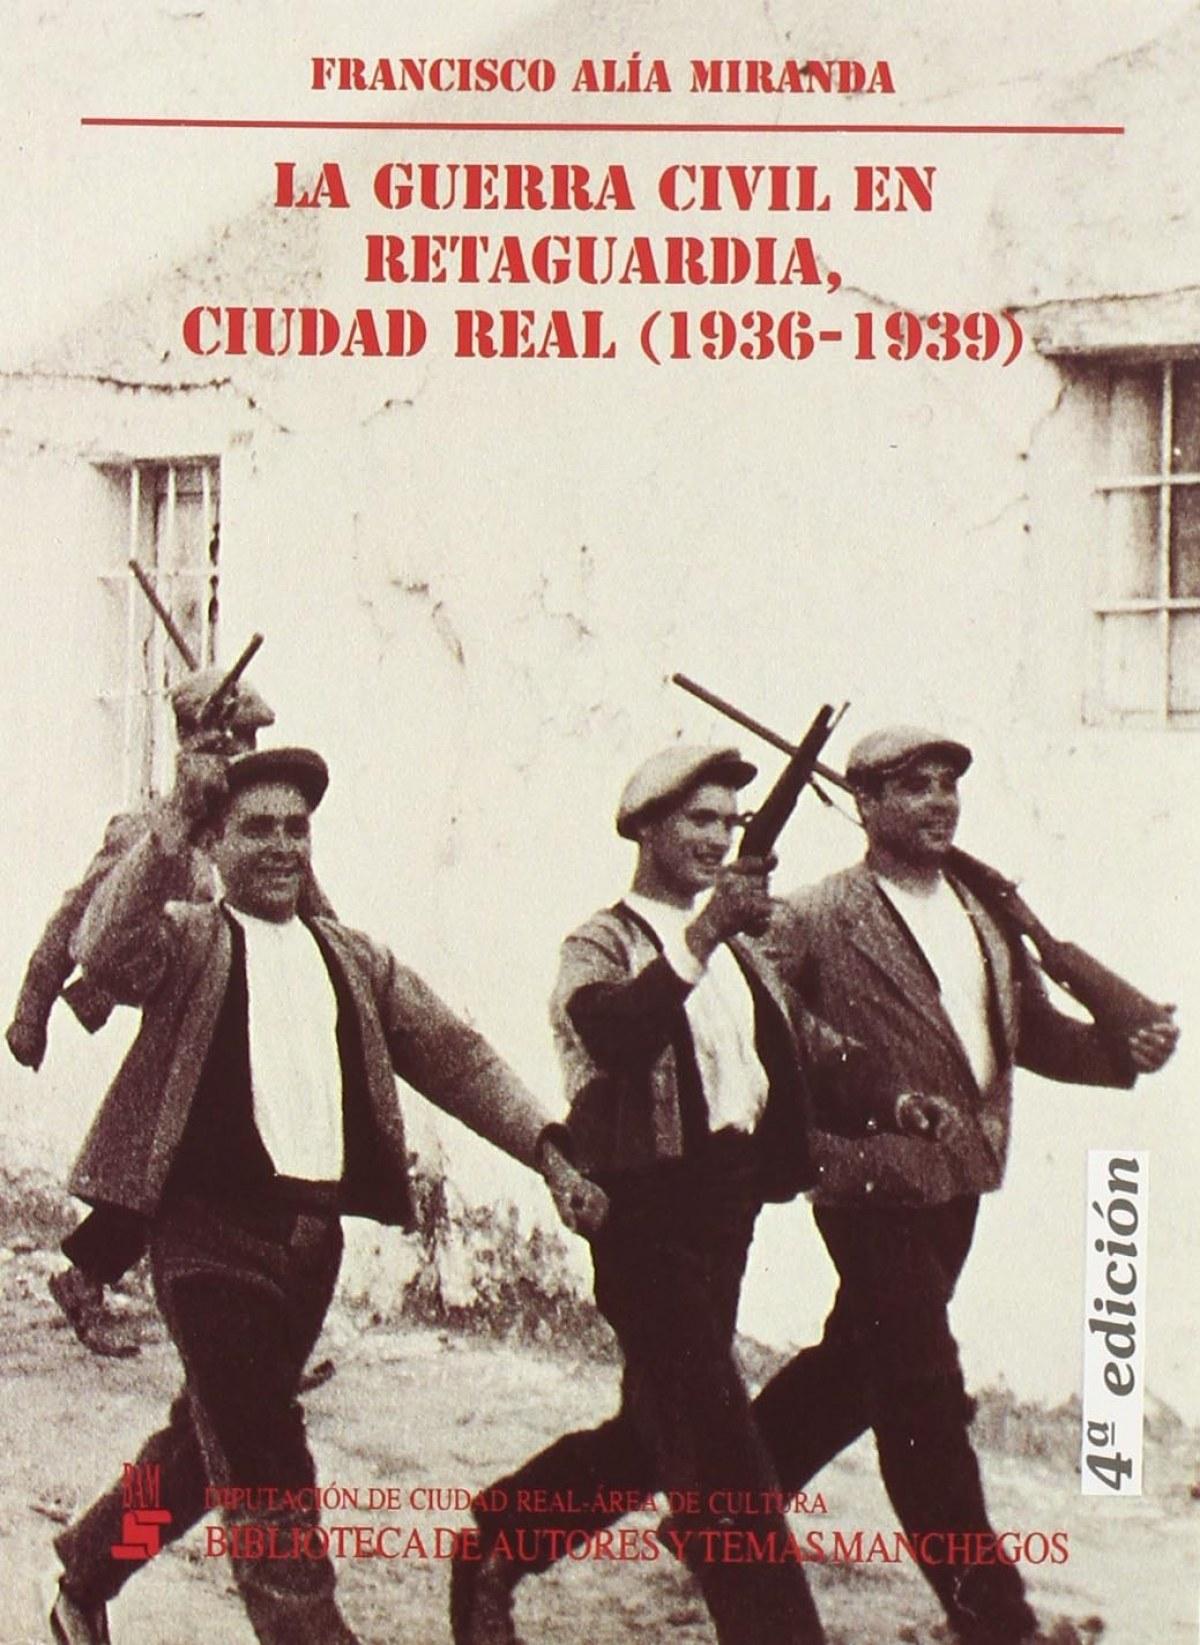 Conflicto y revolución en la provincia de Ciudad Real (1936-1939)